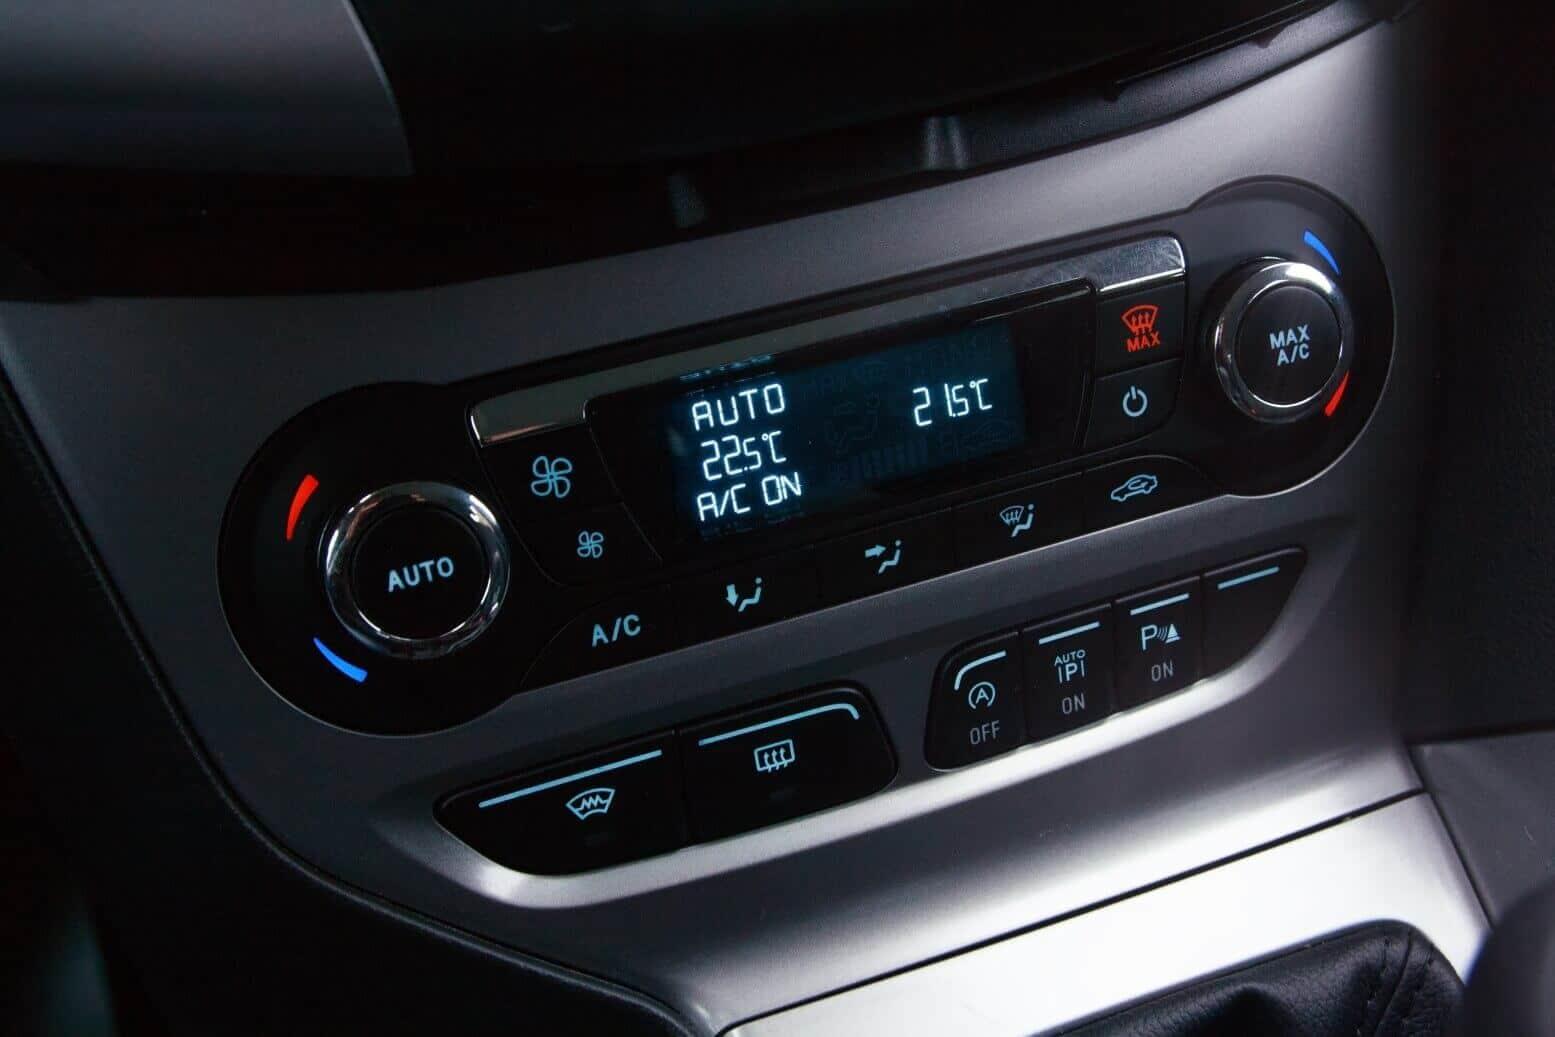 Ford Focus Interior. Details der Mittelkonsole